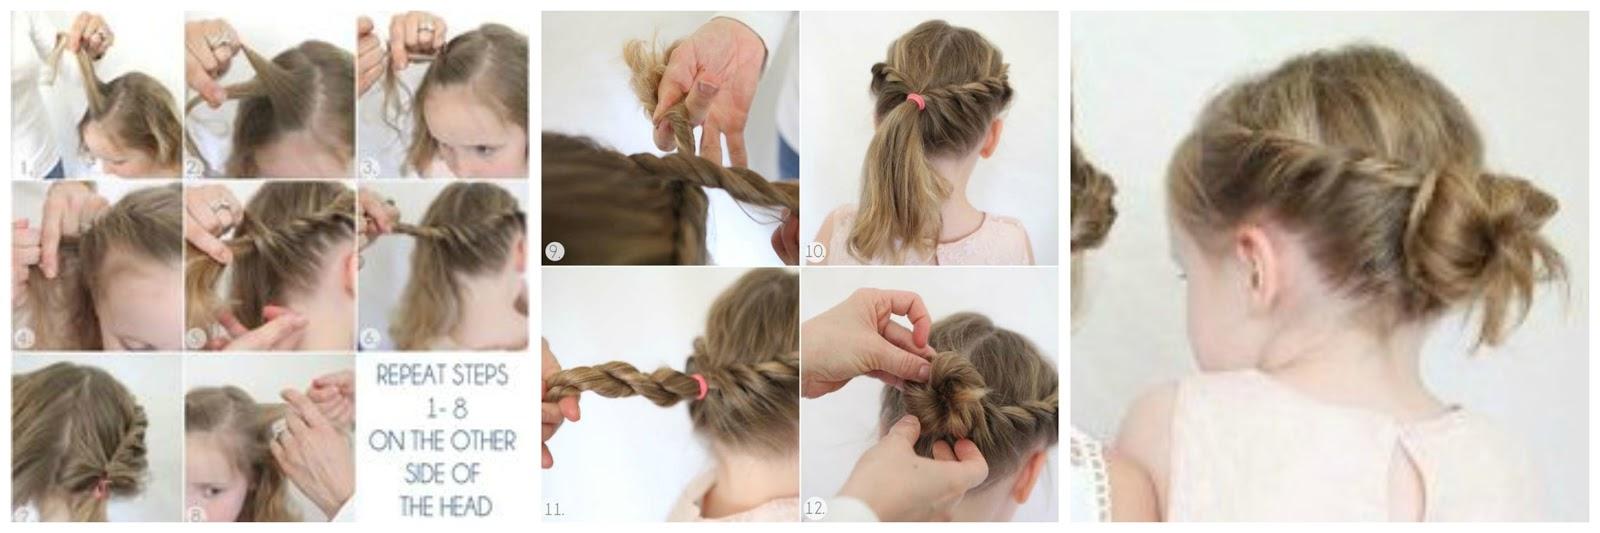 Fotos De Peinados Para Niñas.Com - Imágenes de peinado fácil para niñas ~ Belleza y Peinados